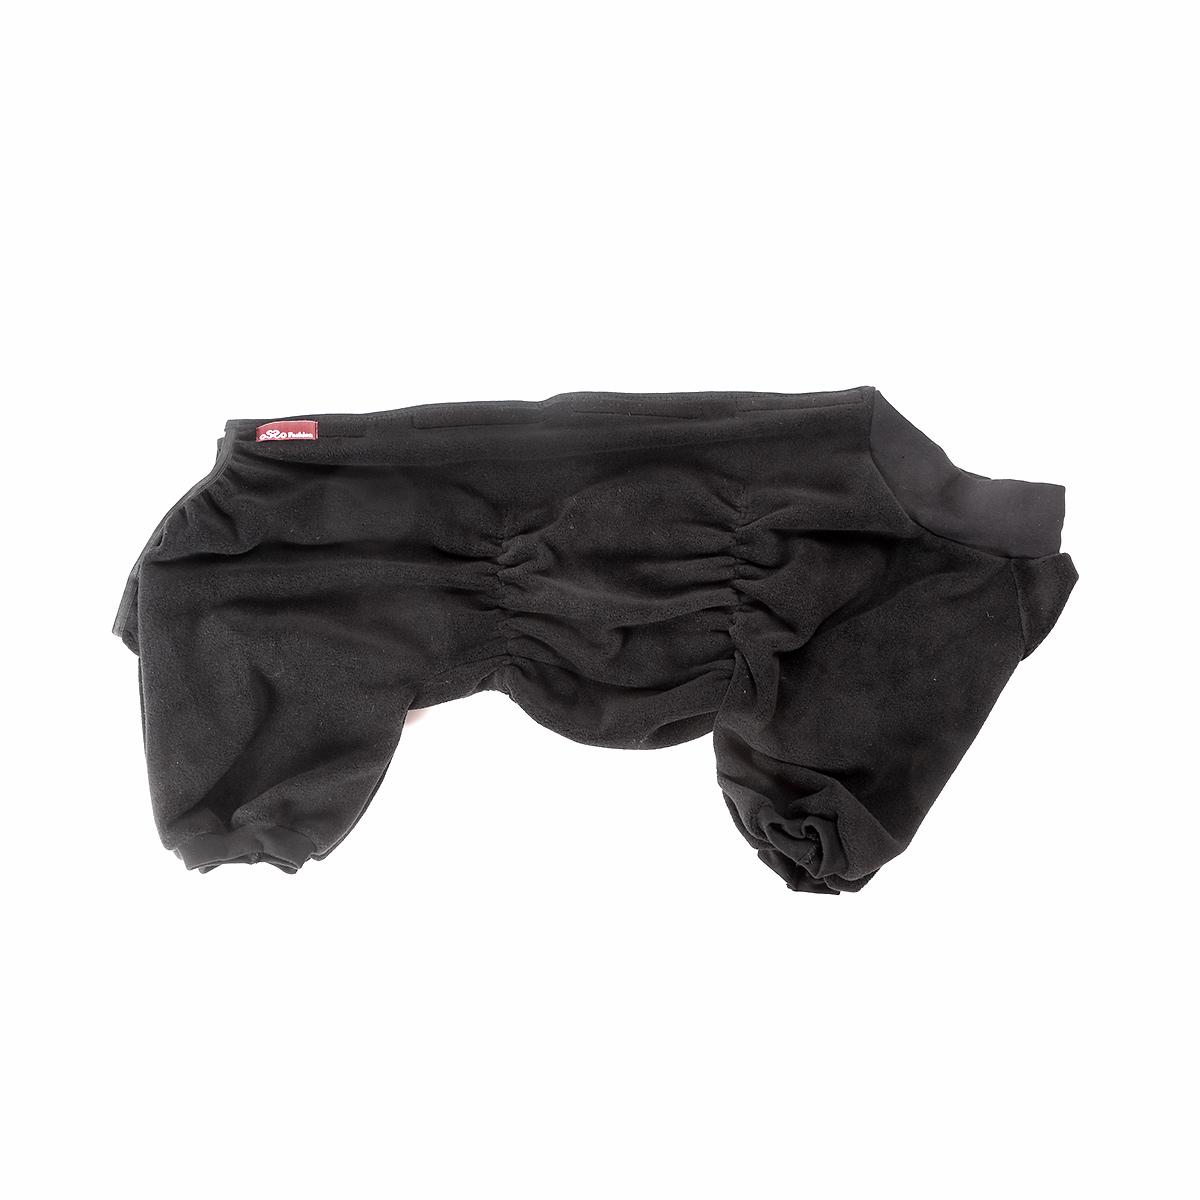 Комбинезон для собак Osso Fashion, для мальчика, цвет: графит. Размер 2812171996Теплый, приятный на ощупь, эргономичный флисовый комбинезон на липучках. Комфортная посадка по корпусу достигается за счет резинок-утяжек под грудью и животом. На воротнике имеются завязки, для дополнительной фиксации Можно носить самостоятельно и как поддевку под комбинезон для собак на грязь.Отлично стирается, быстро сохнет.